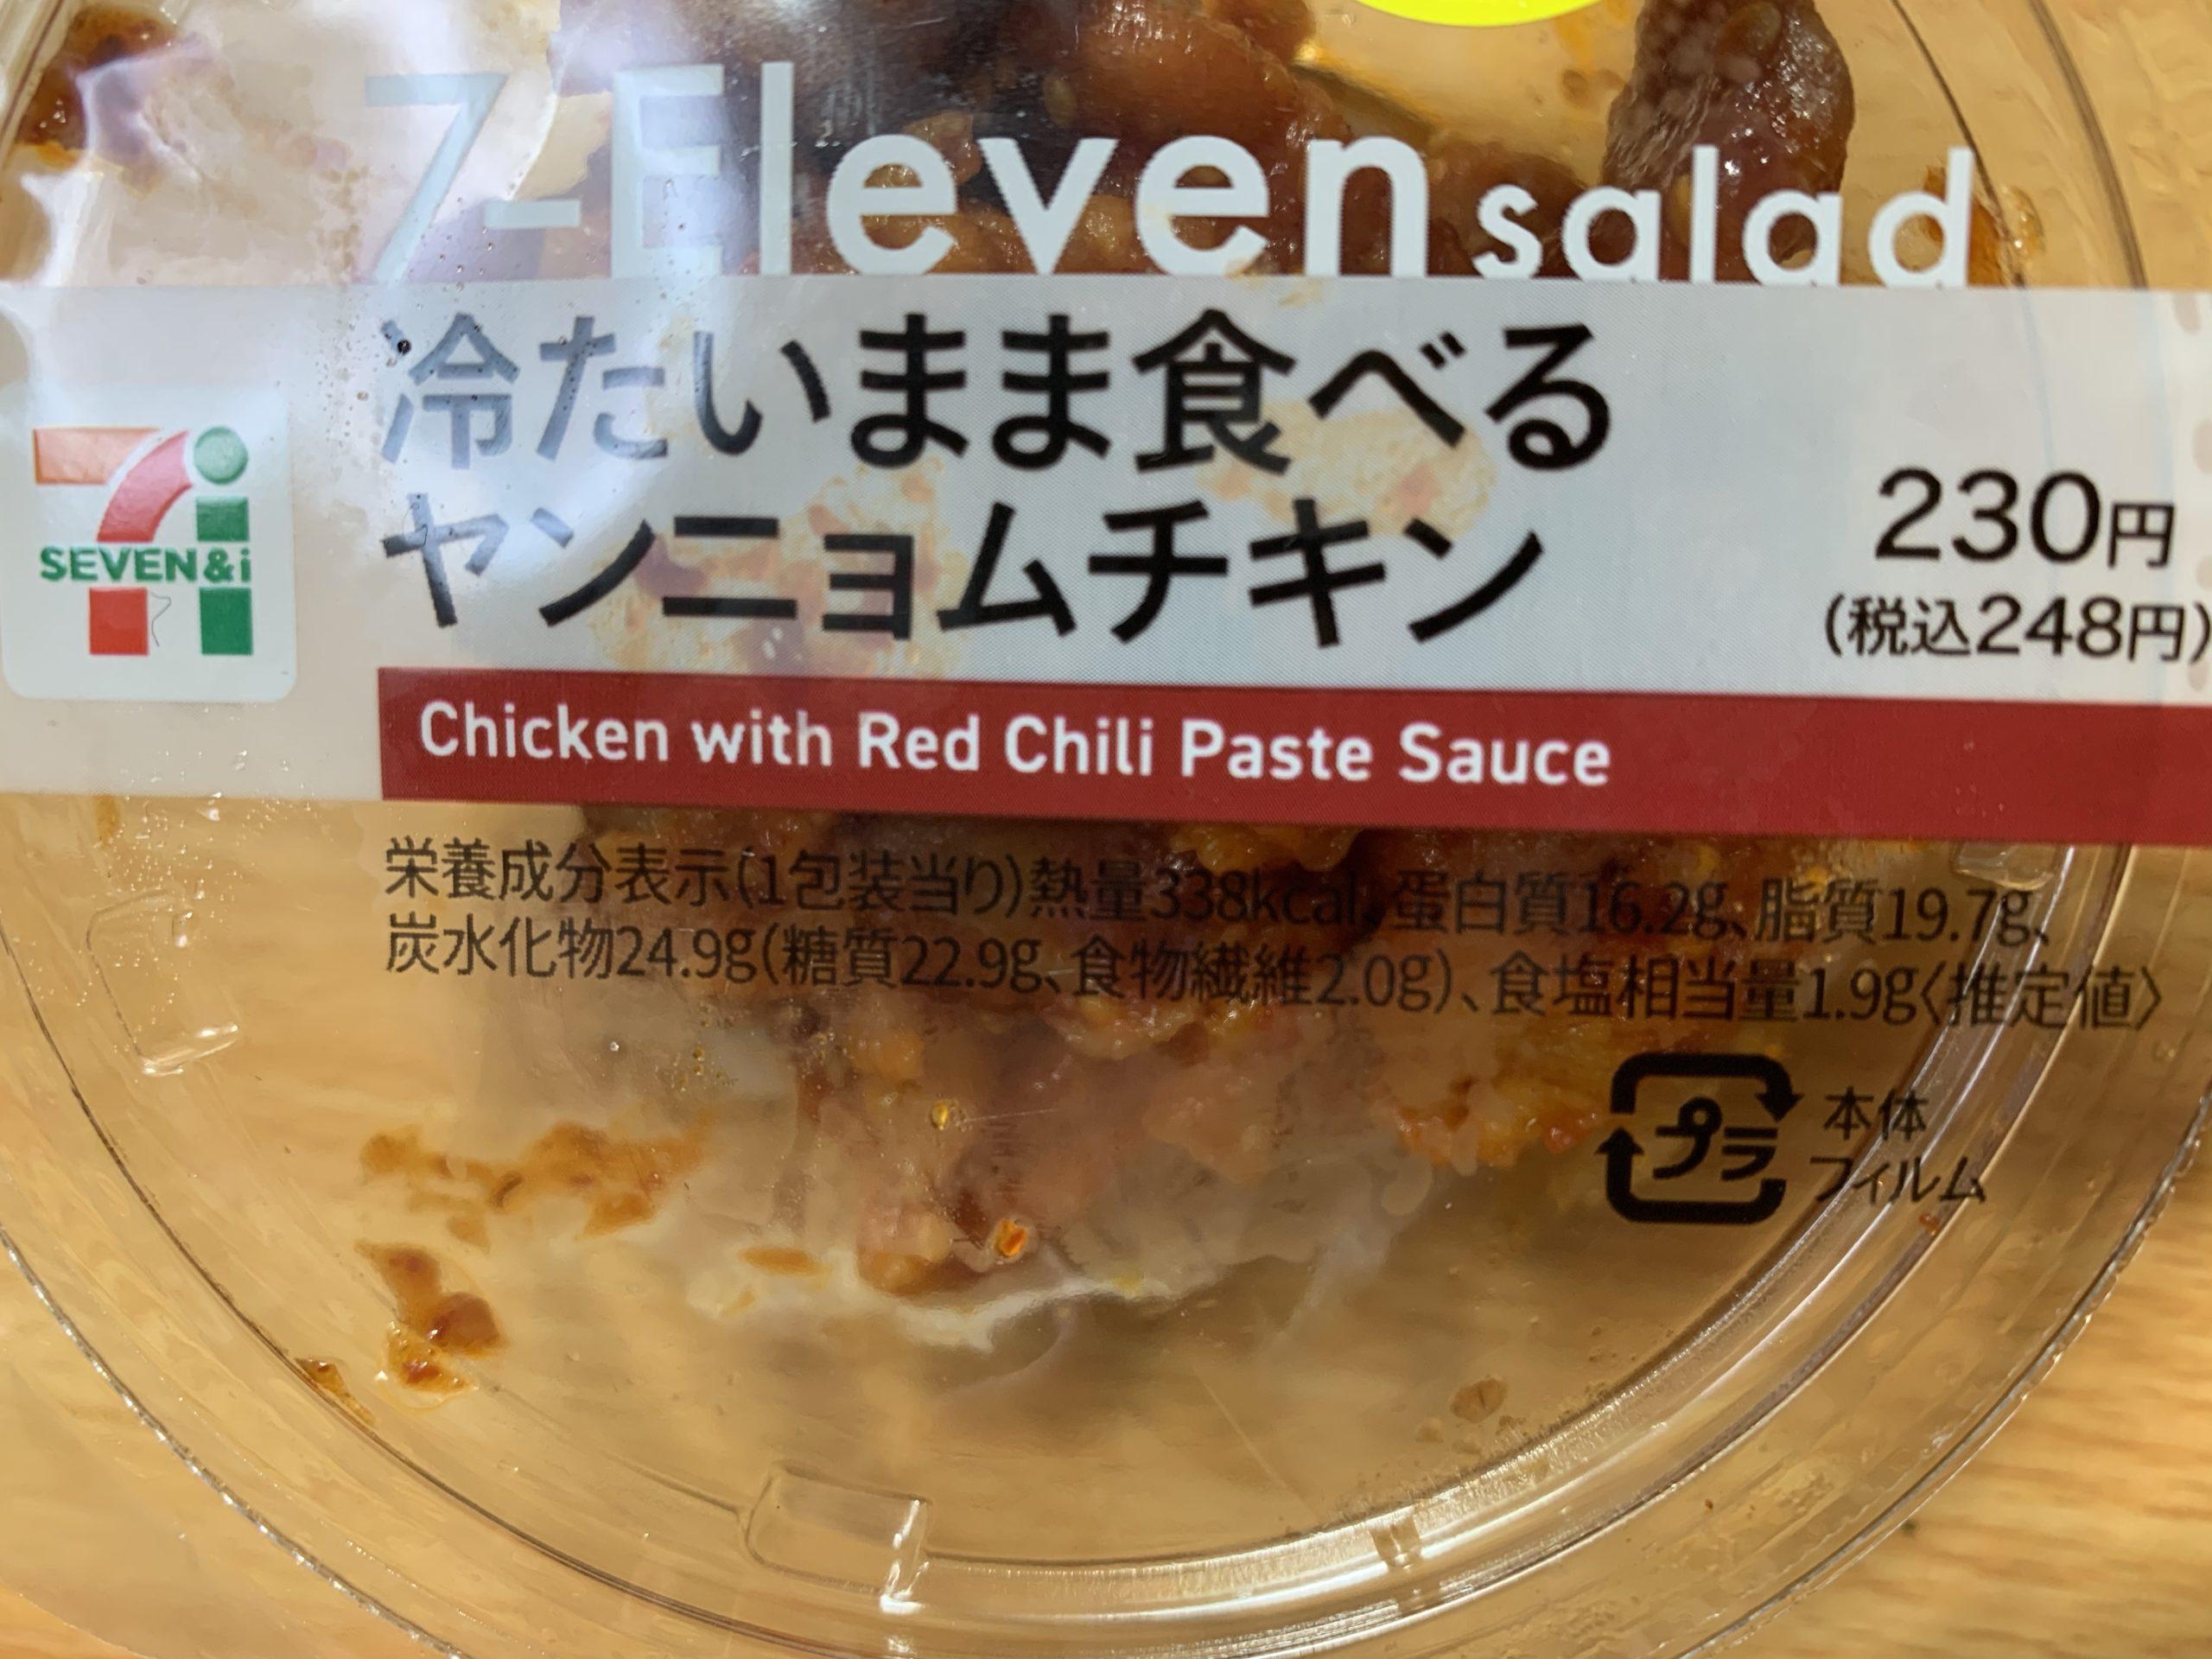 冷たいまま食べるヤンニョムチキンの栄養成分